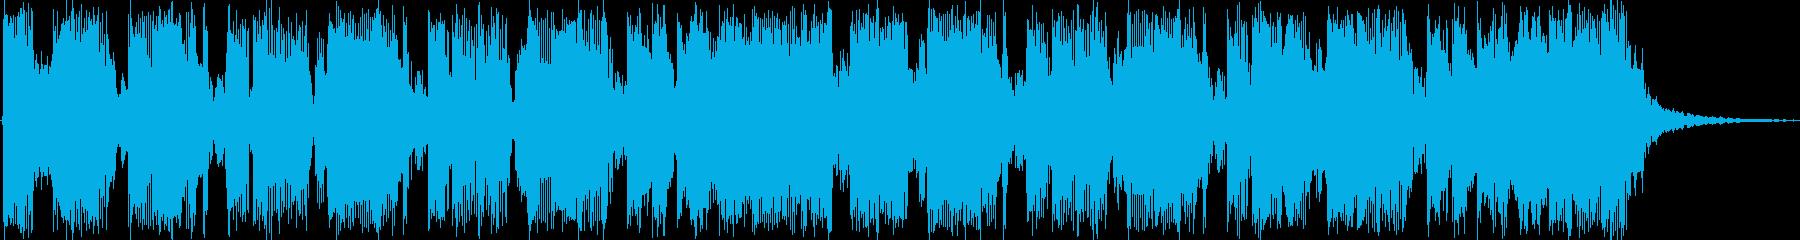 ロックなジングルの再生済みの波形